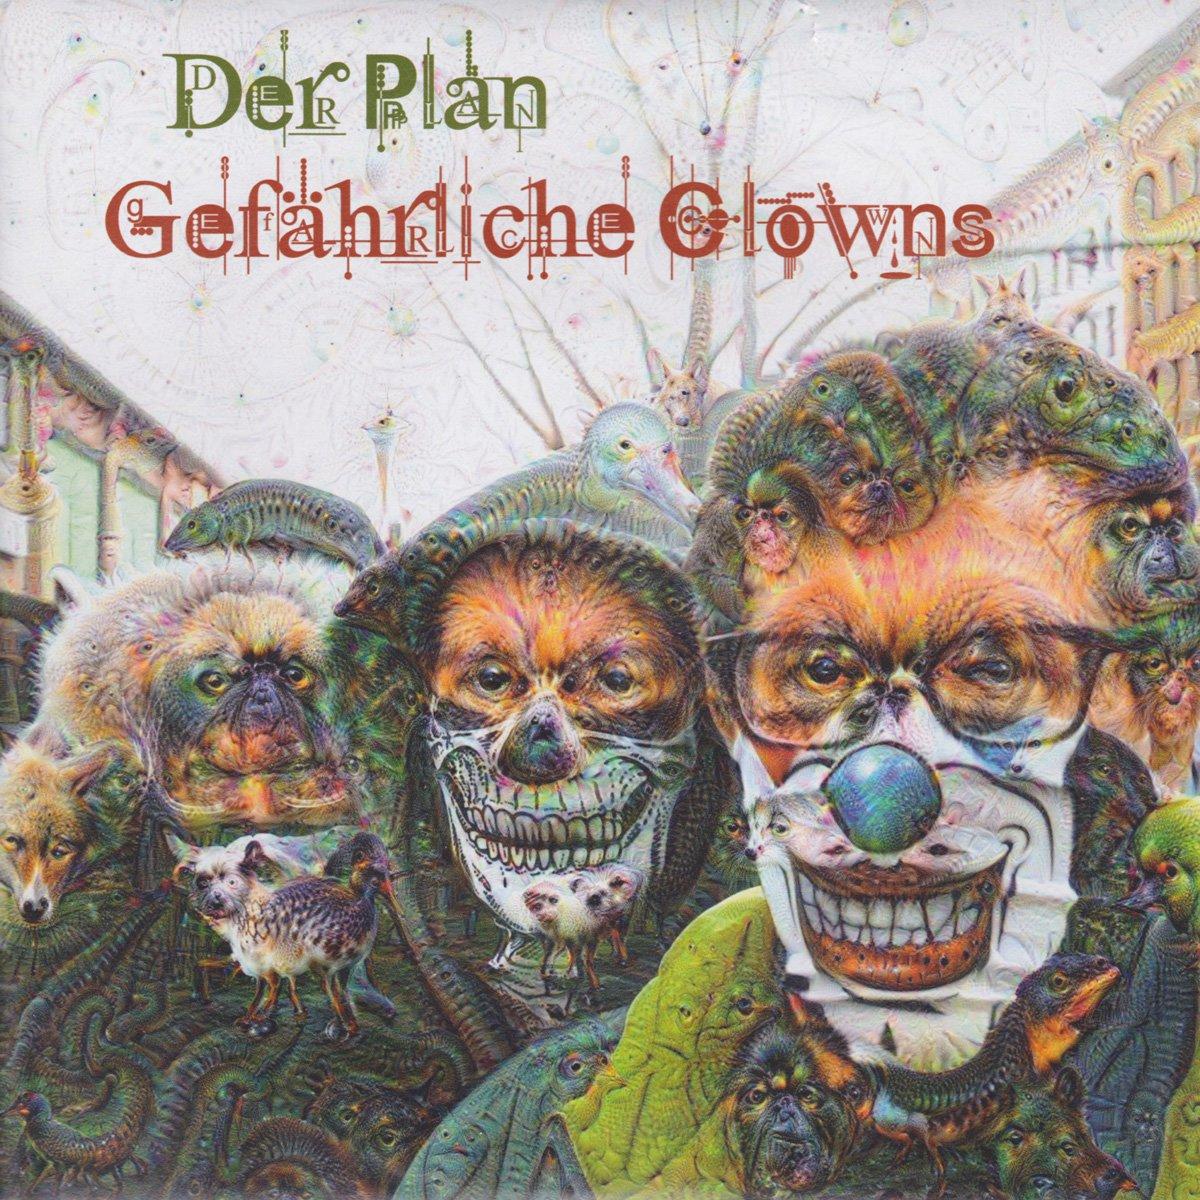 Der Plan - Gefährliche Clowns